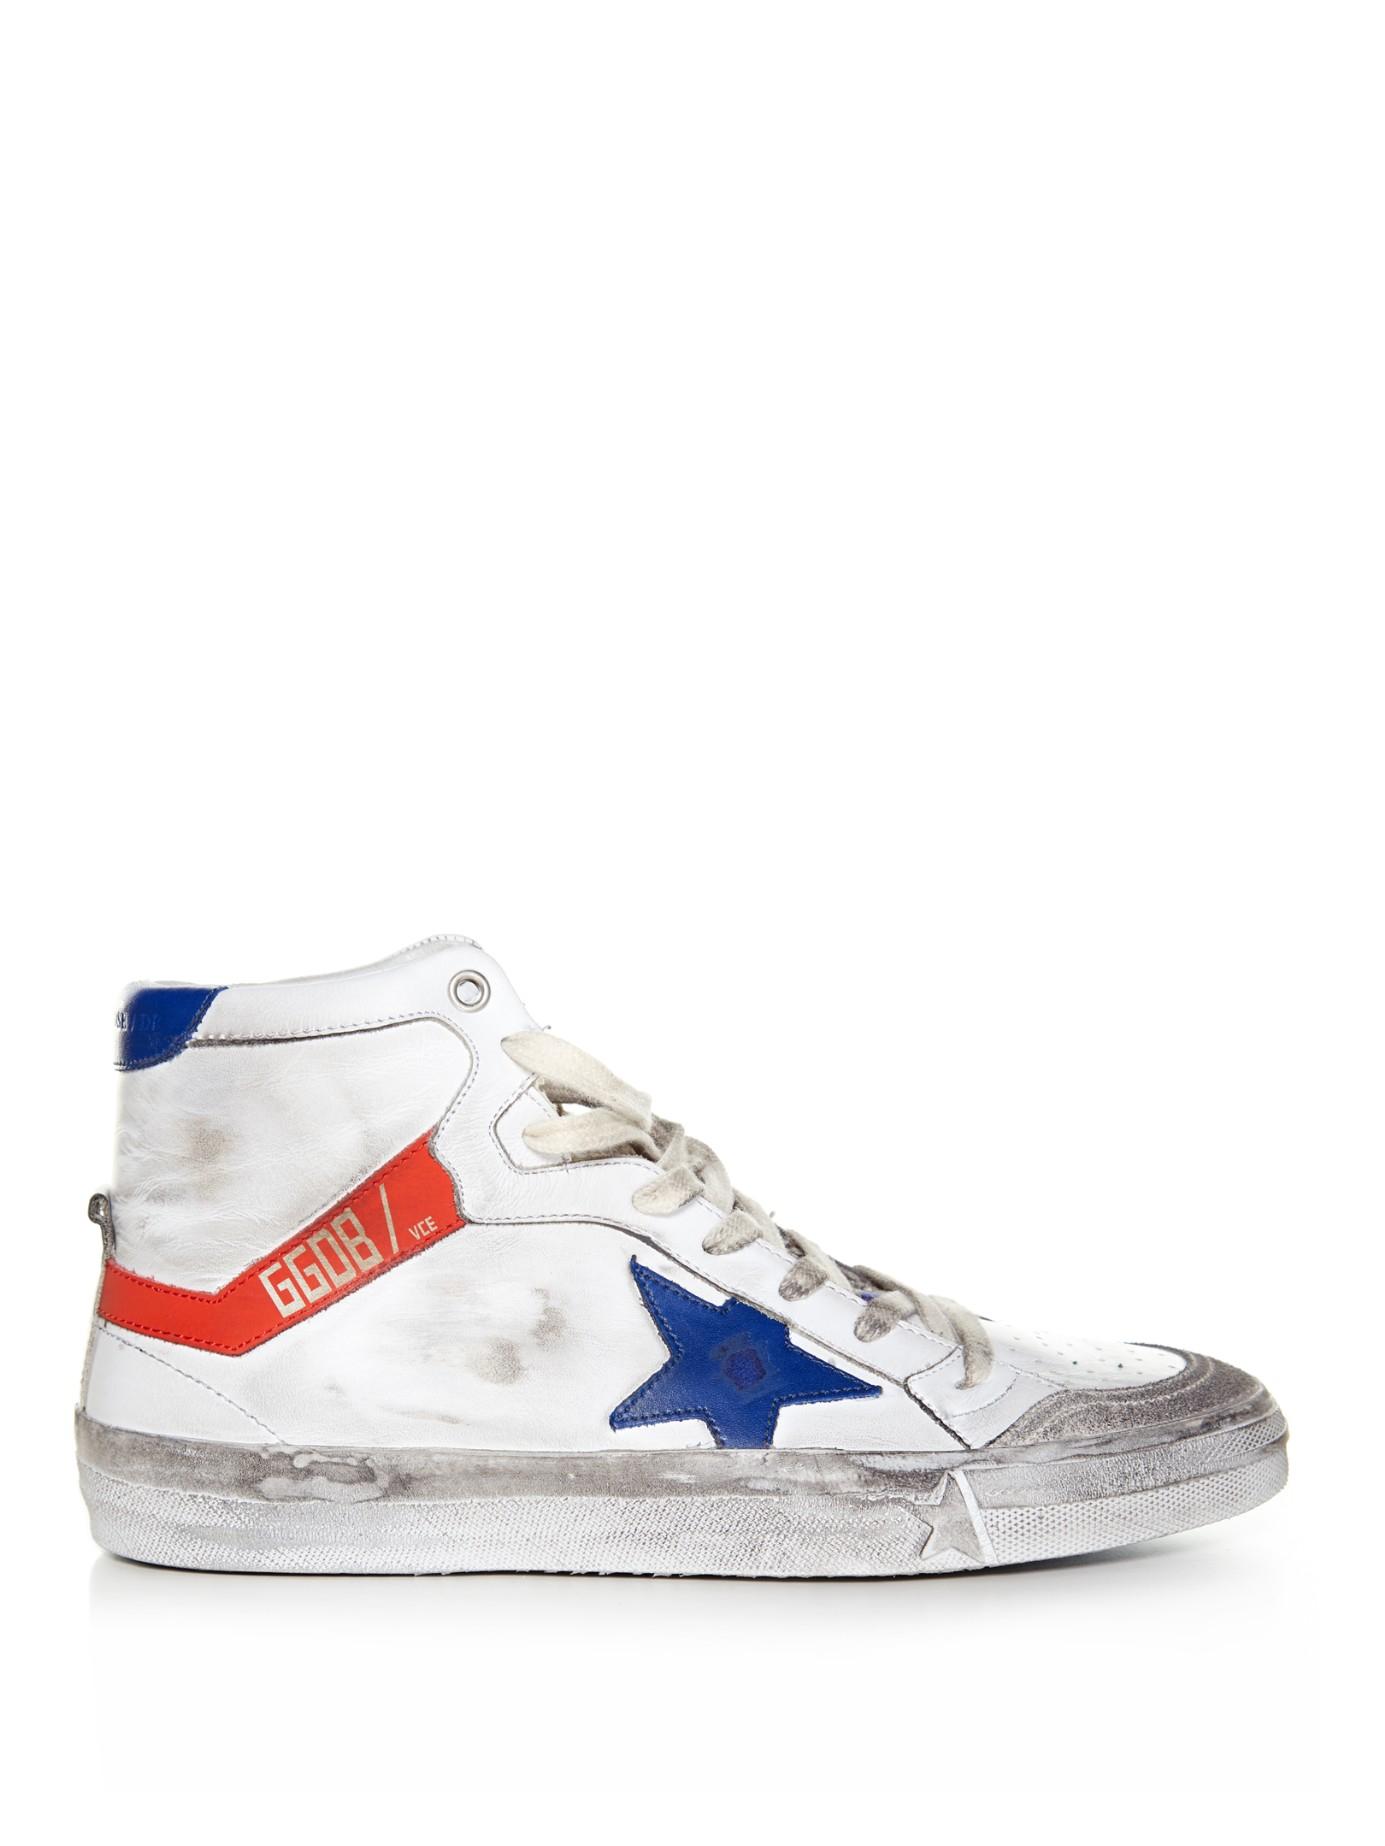 Oie D'or De Luxe Marque 2.12 Chaussures De Sport - Blanc 1ouLeB3a